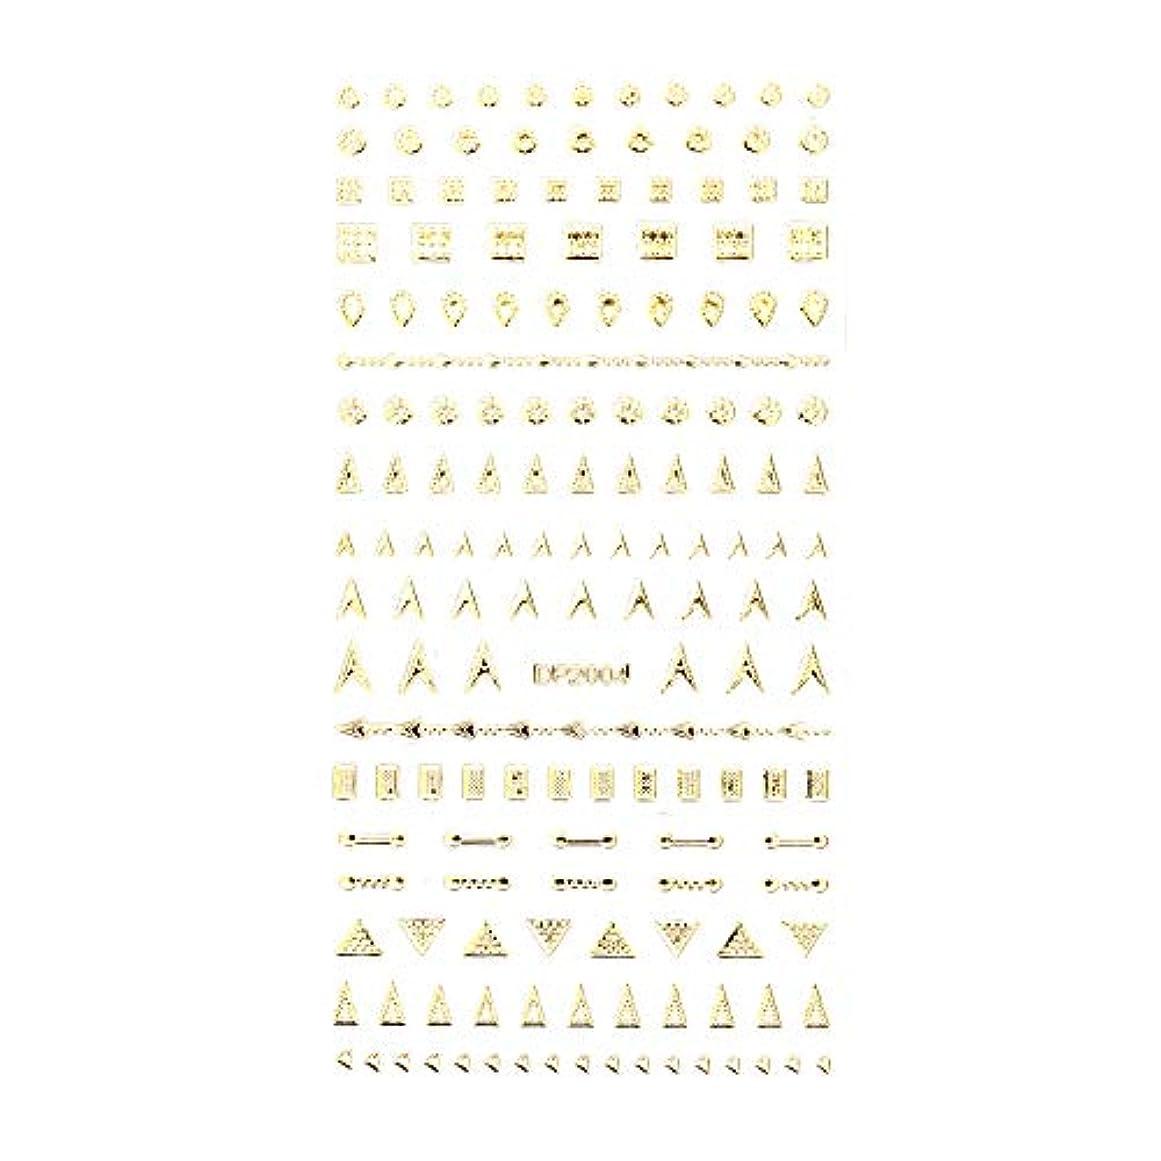 ごめんなさいセッティング米国ネイルシール デザインパーツ風シール ゴールド【DP2004】【タイプ4】ネイルアート スクエア レクタングル トライアングル くり抜き フレーム